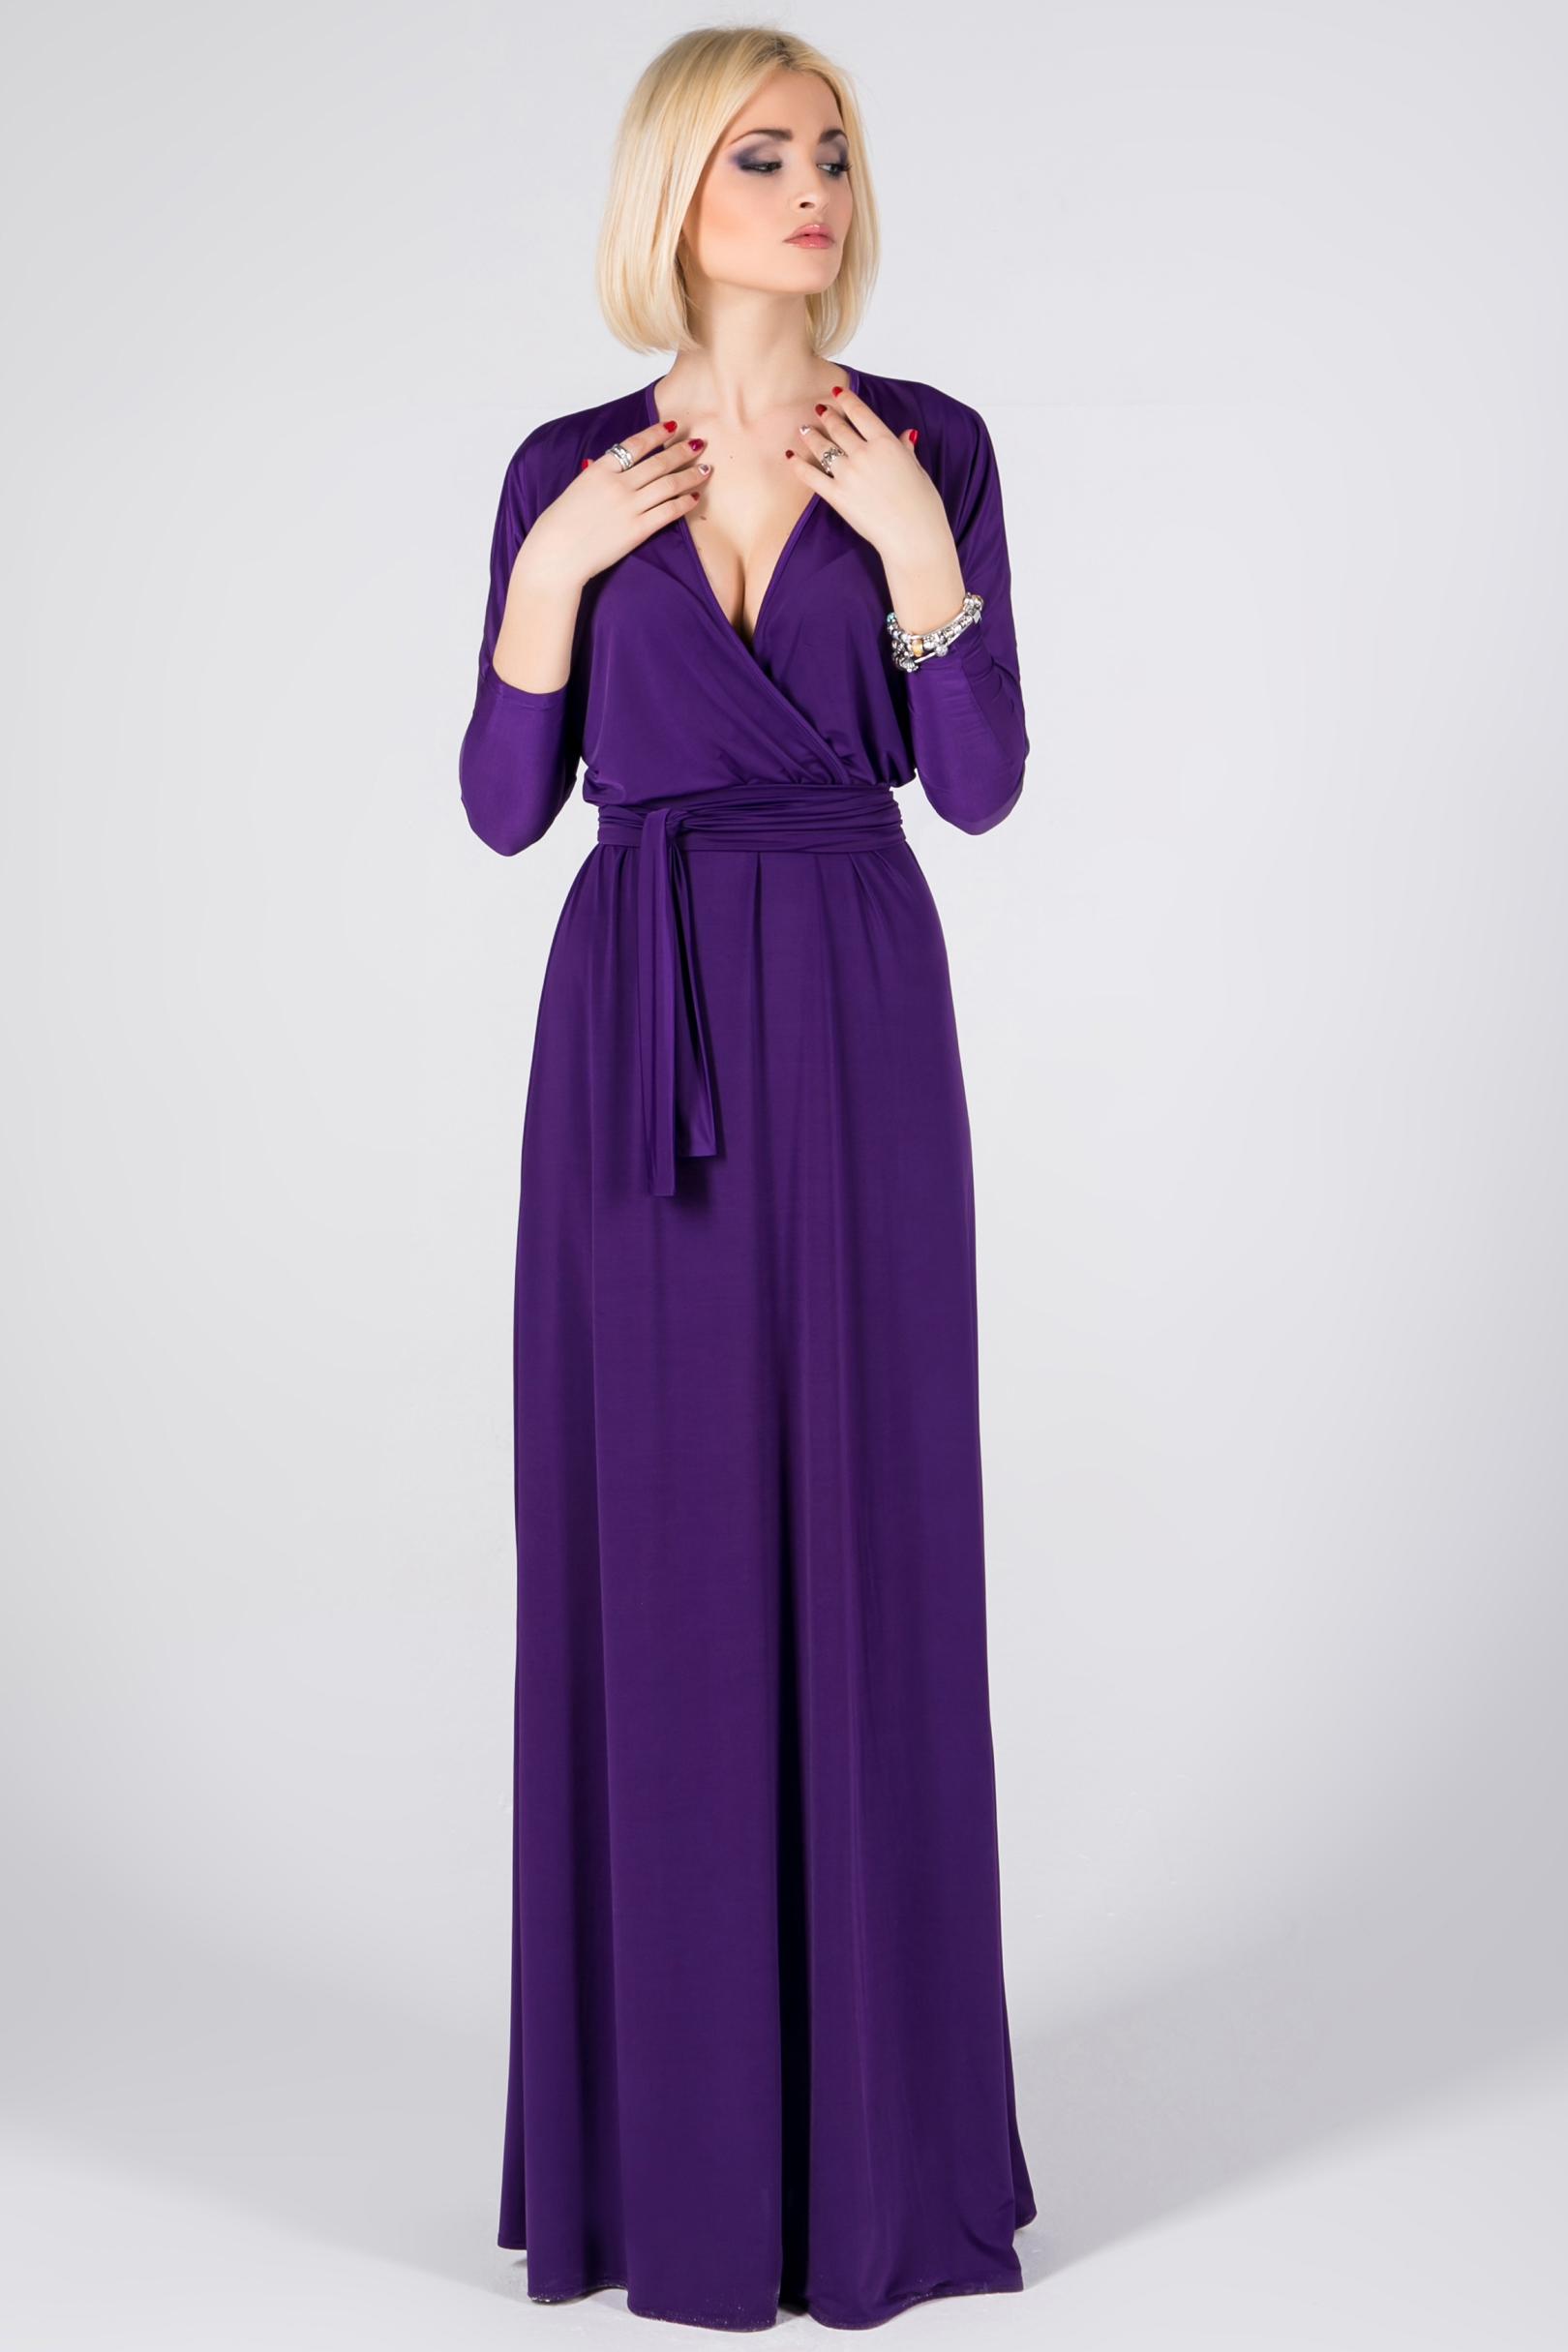 Фиолетовое платье в пол фото 2